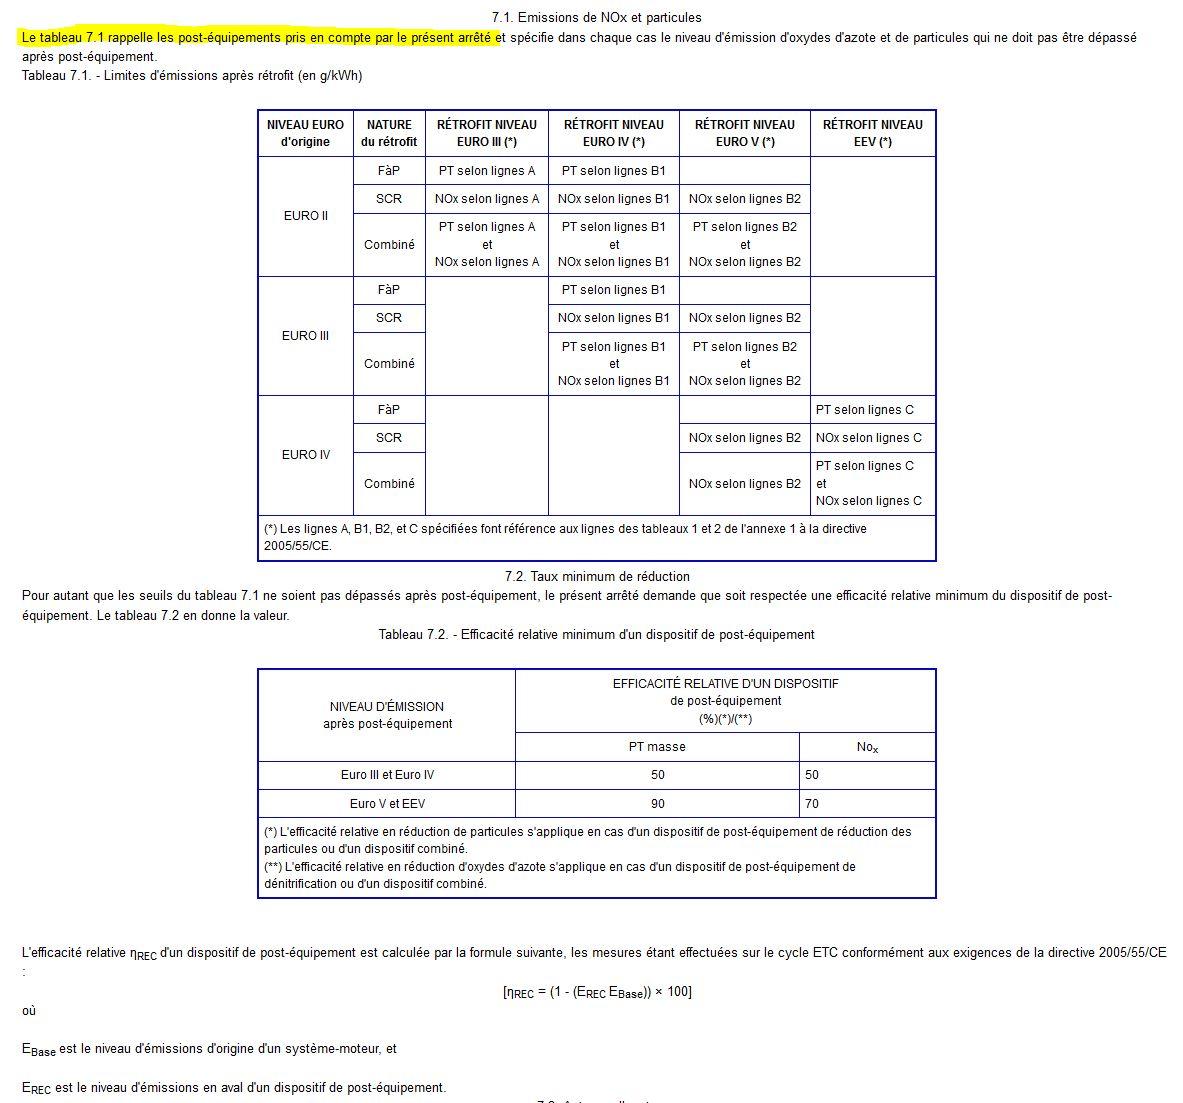 Un MOG moins polluant ?  - Page 3 Legifr10